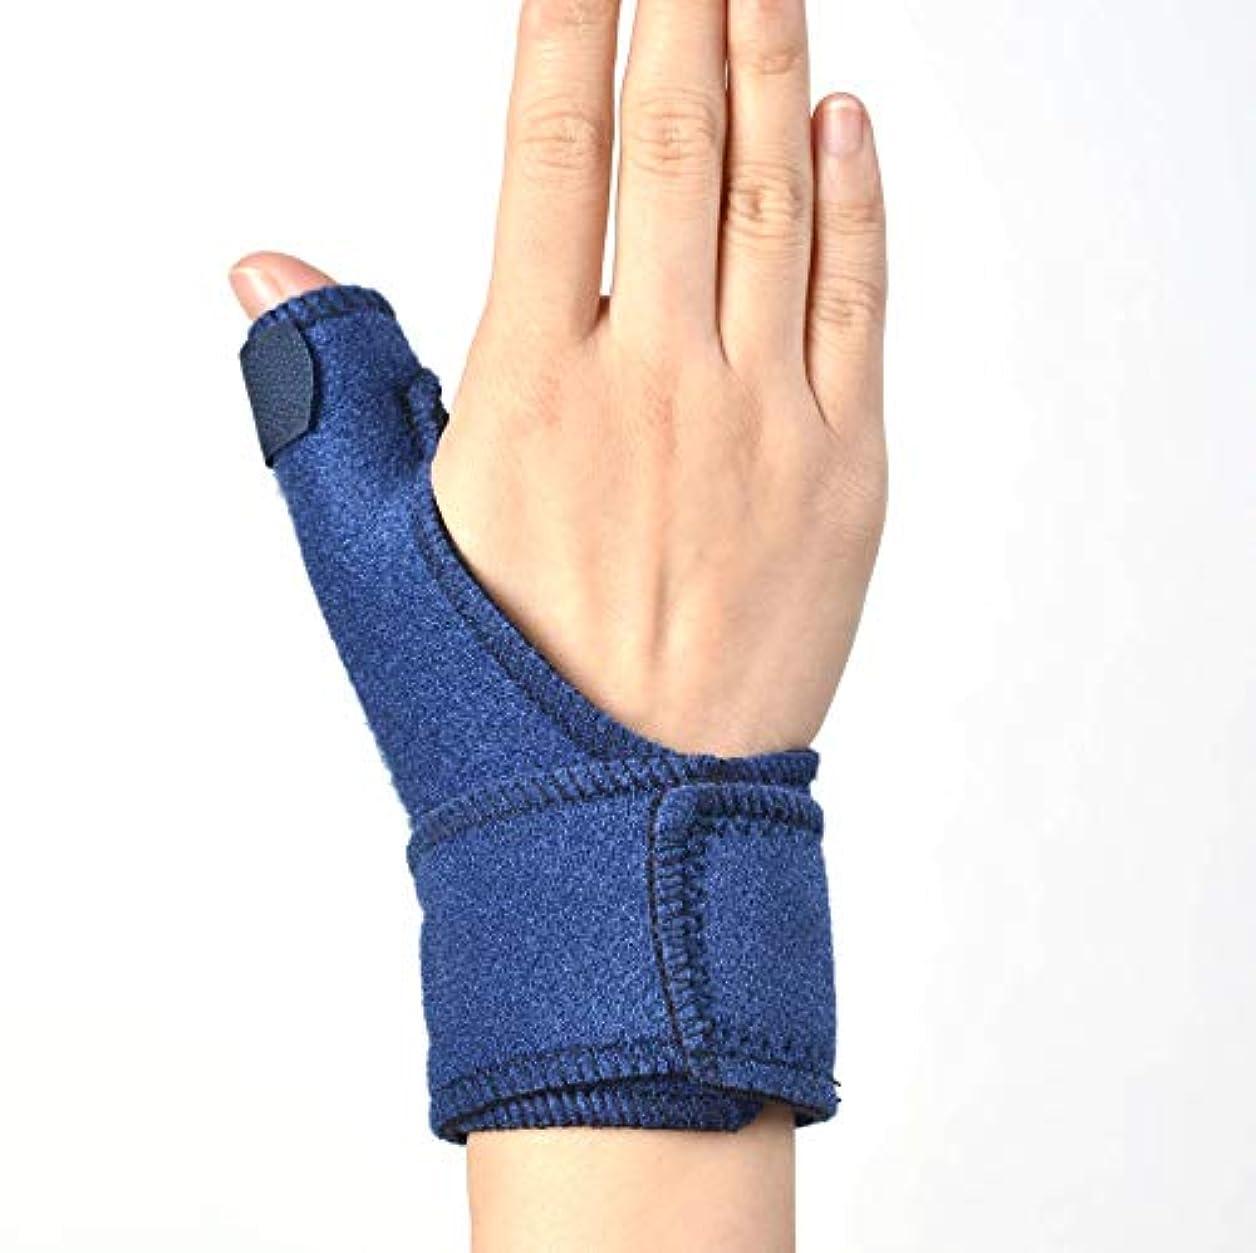 顕微鏡かご置くためにパック親指スプリント、マジックテープ調節可能な親指サポートブレースとガード腱炎 - 指スプリント親指固定具は左右の手にフィット